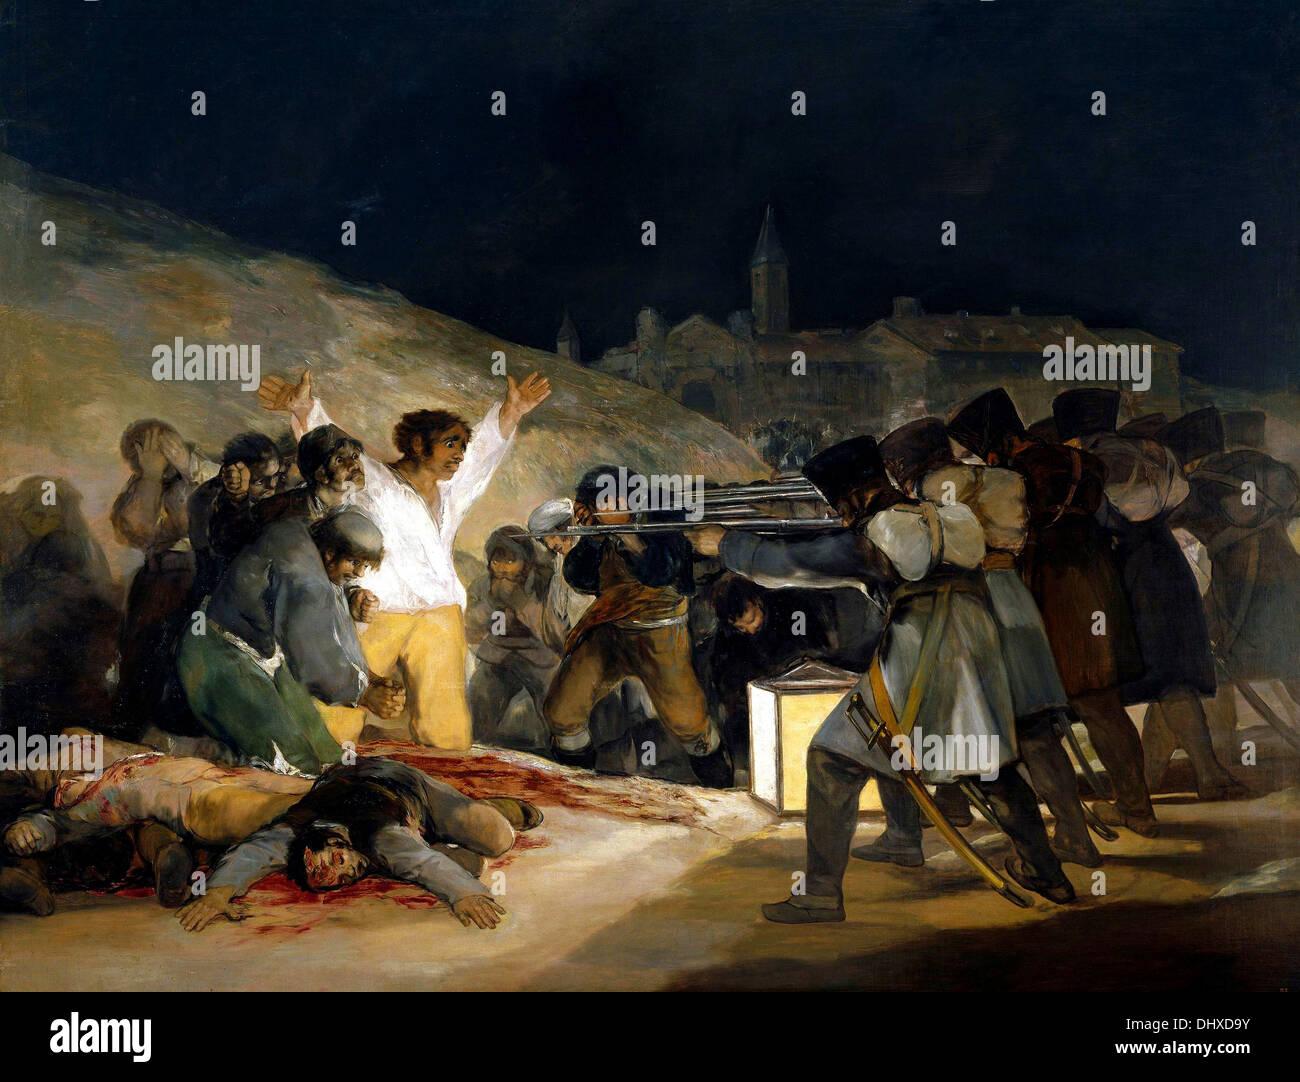 Il terzo del maggio 1808, l'esecuzione dei difensori di Madrid - di Francisco Goya, 1808 Immagini Stock